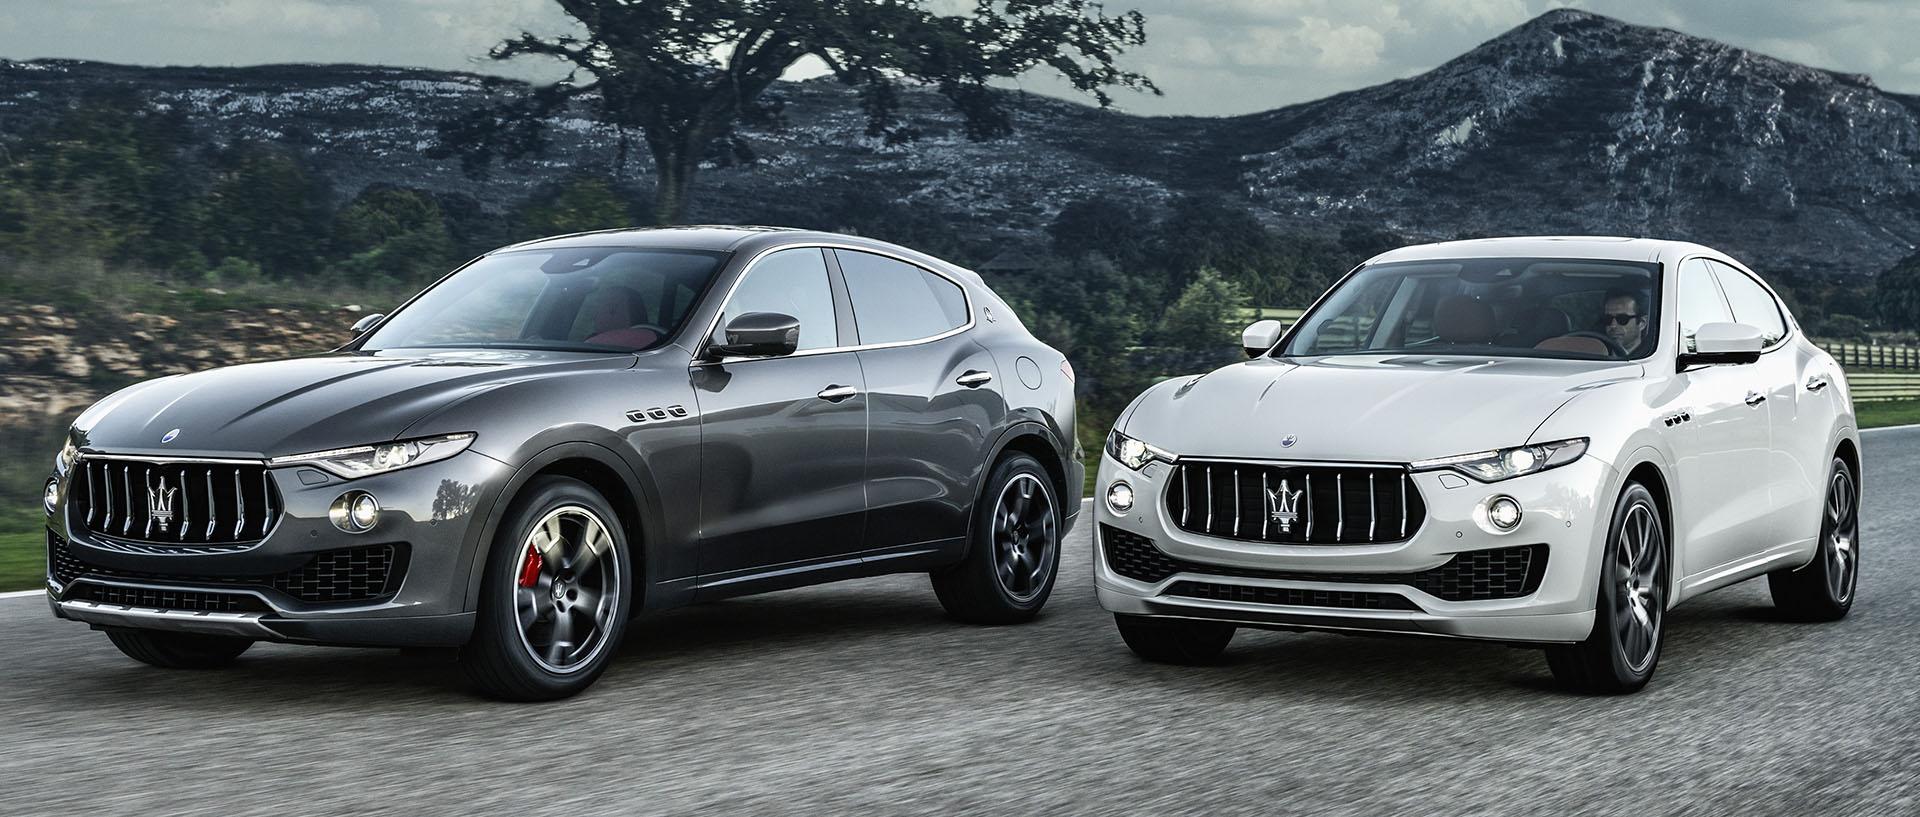 2017 Maserati Levante Consumer Reports